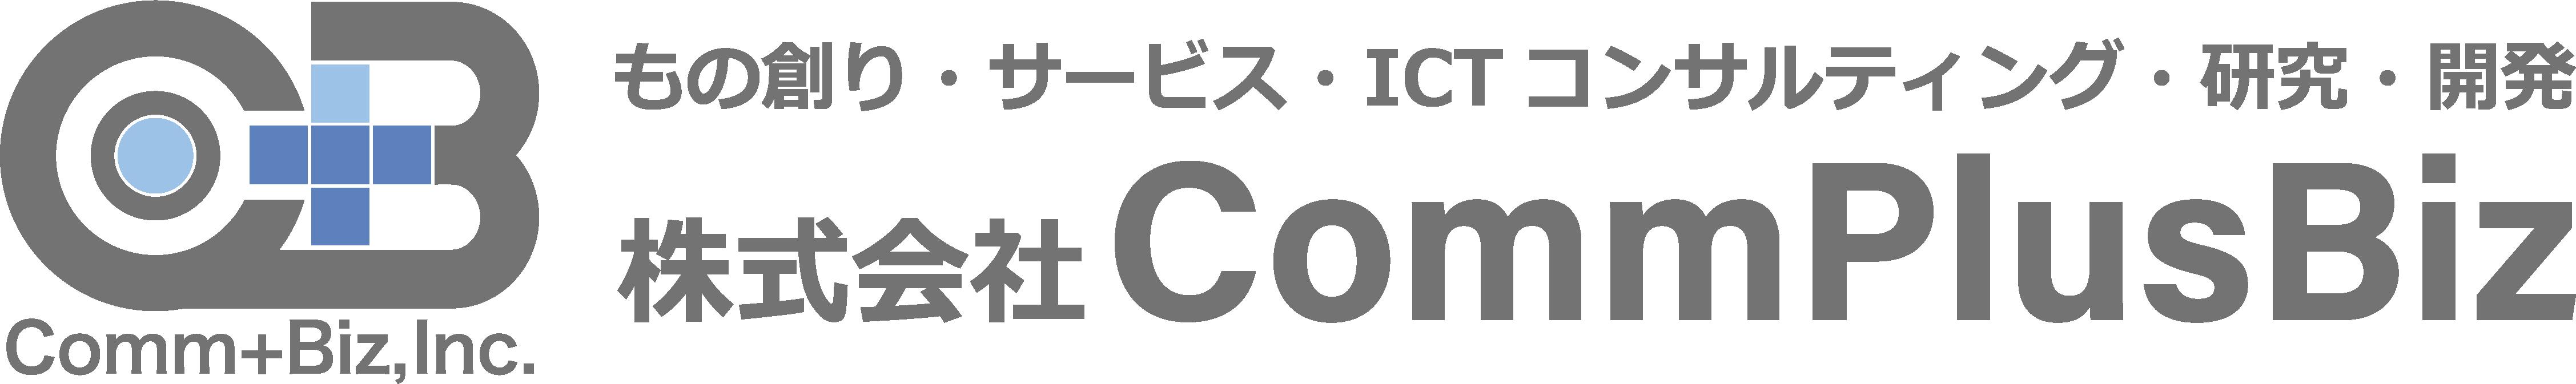 株式会社CommPlusBIz公式ホームページ